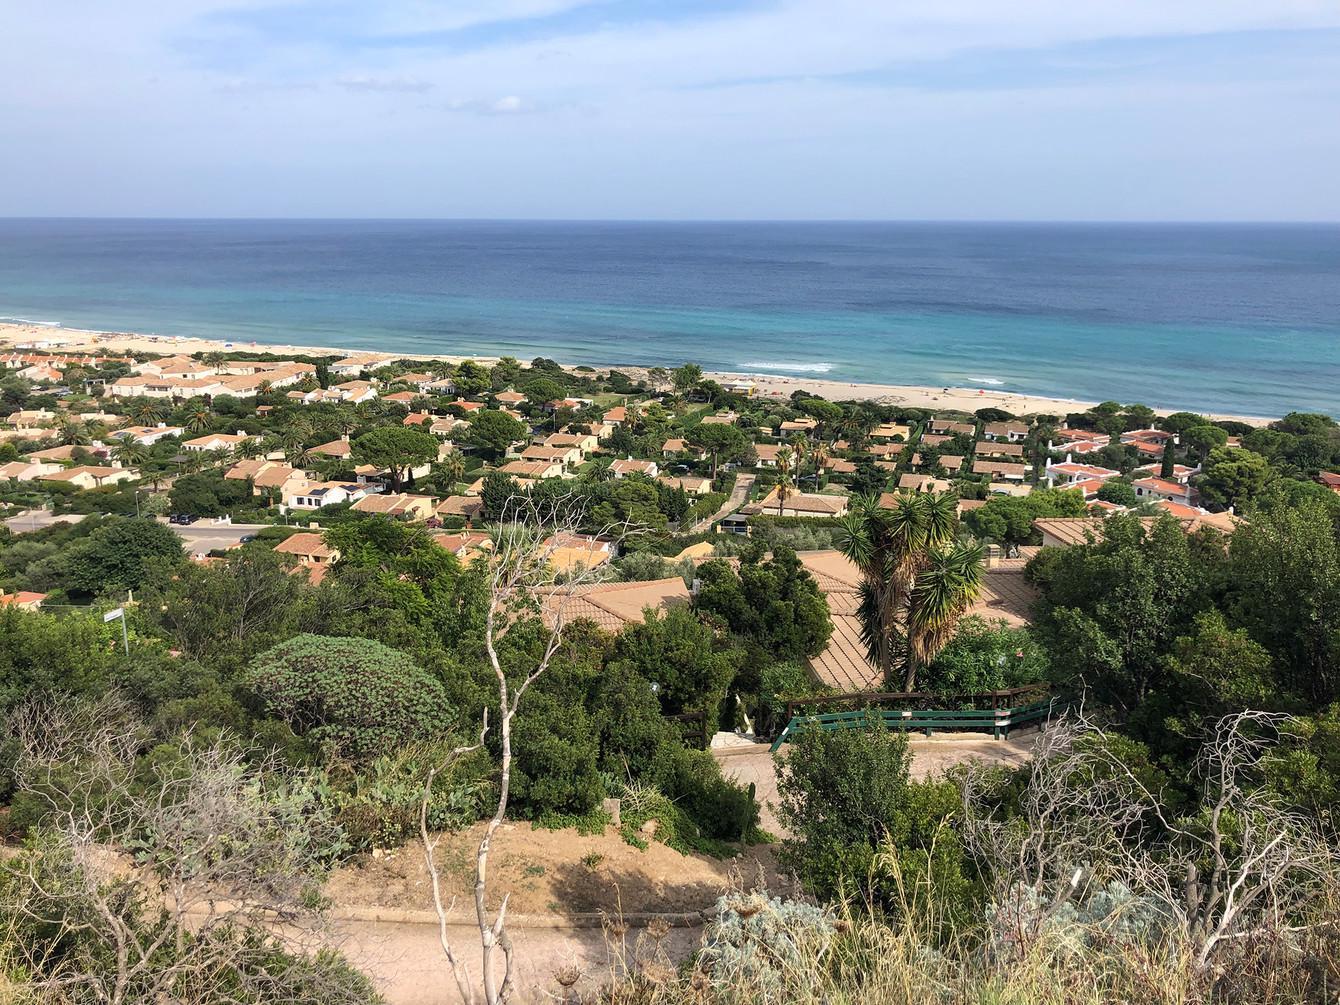 8 daagse vliegvakantie naar Costa Rei Reale Vacanze in costa rei, italie